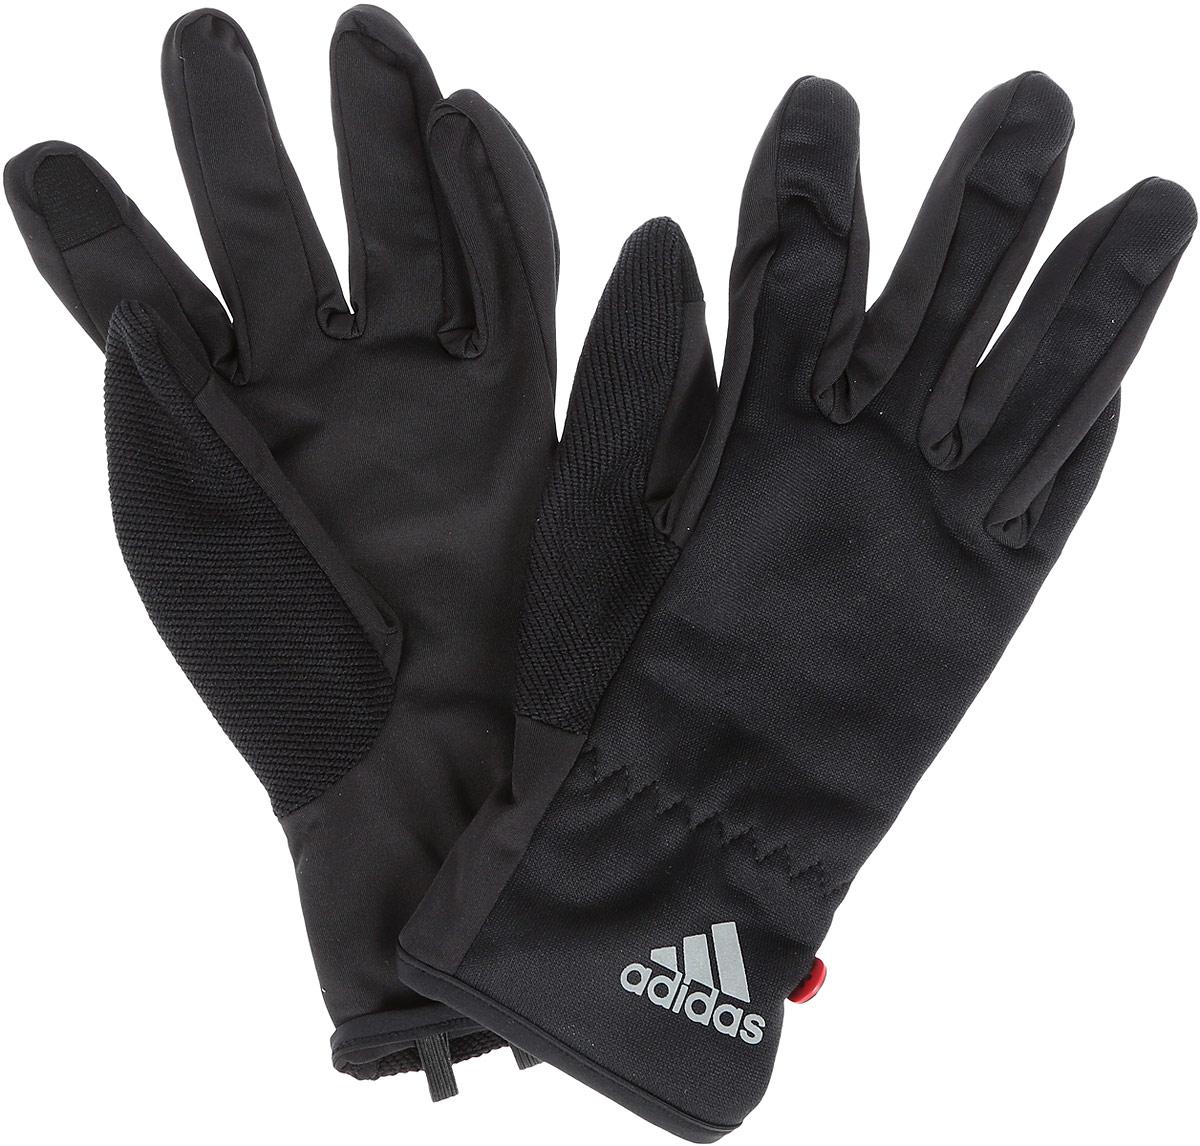 Перчатки для бега Adidas Run Clmlt Glove, цвет: черный. Размер M (20)S94173Мягкие и легкие перчатки Adidas Run Clmlt Glove защитят вас от холода и непогоды во время интенсивной тренировки. Технология Сlimalite способствует быстрому выведению влаги с поверхности тела. Модель оформлена логотипом бренда. Выделяйтесь из толпы благодаря стильному дизайну перчаток. Длина: 24 см. Ширина: 8,5 см. Длина большого пальца: 11 см.